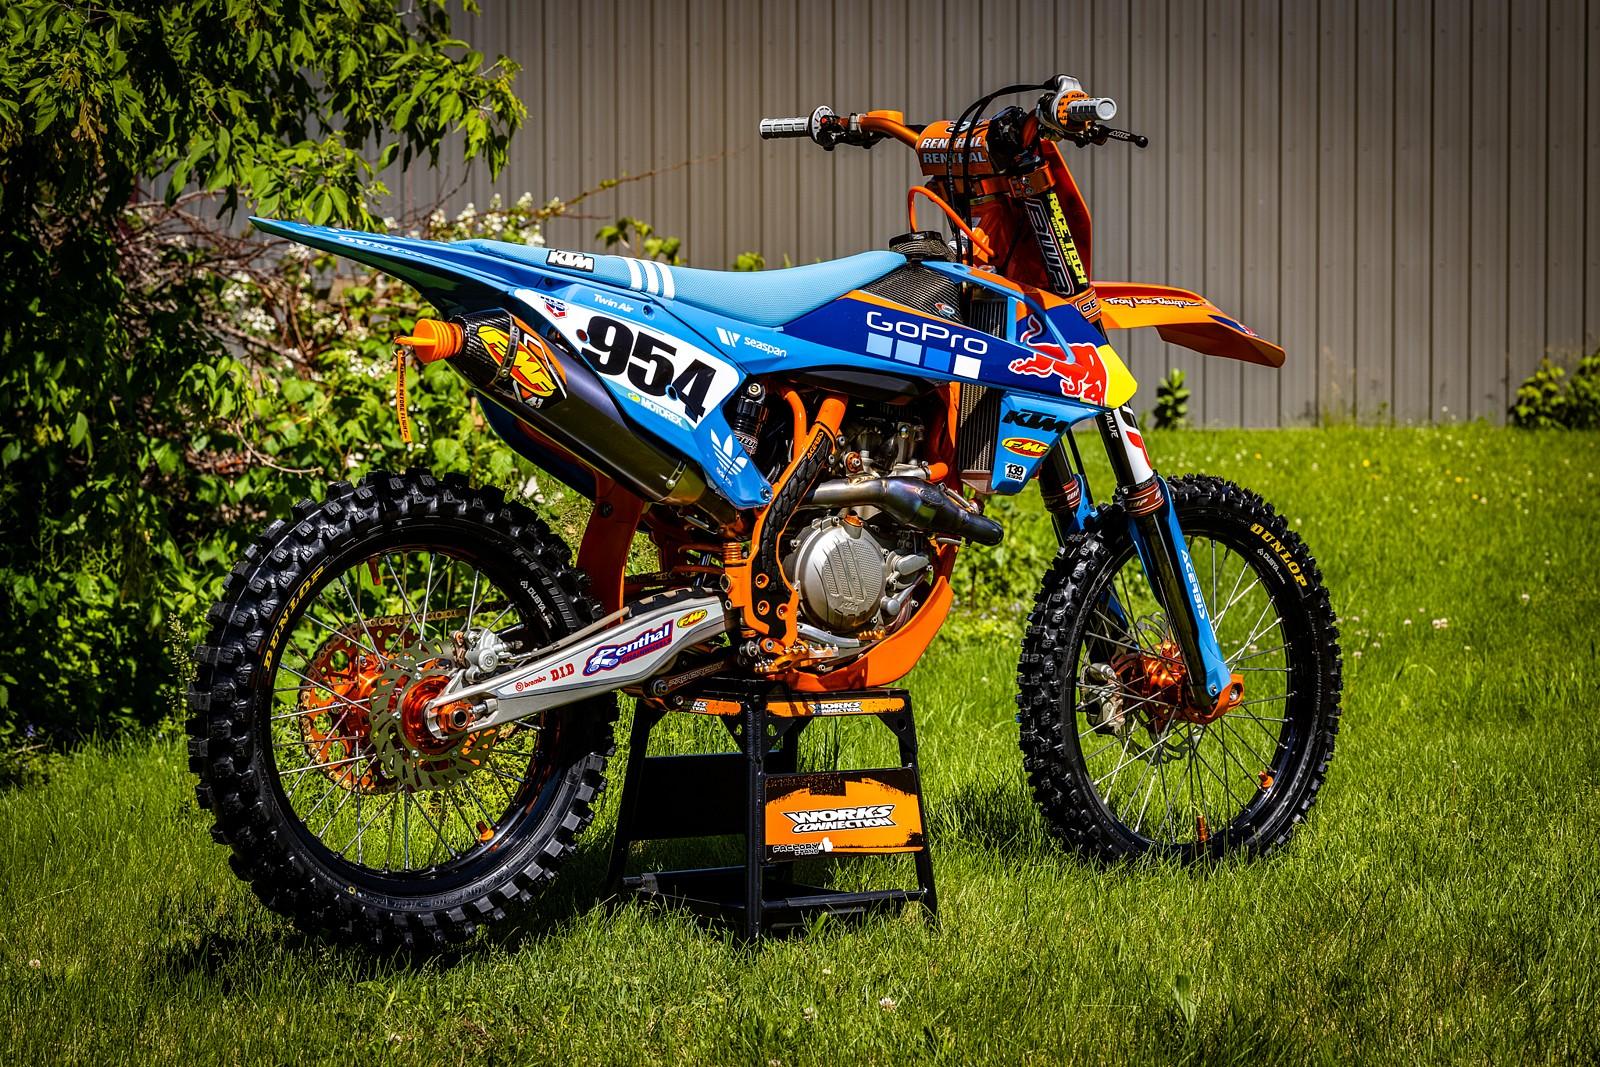 ktm 18 - GForce MMG - Motocross Pictures - Vital MX